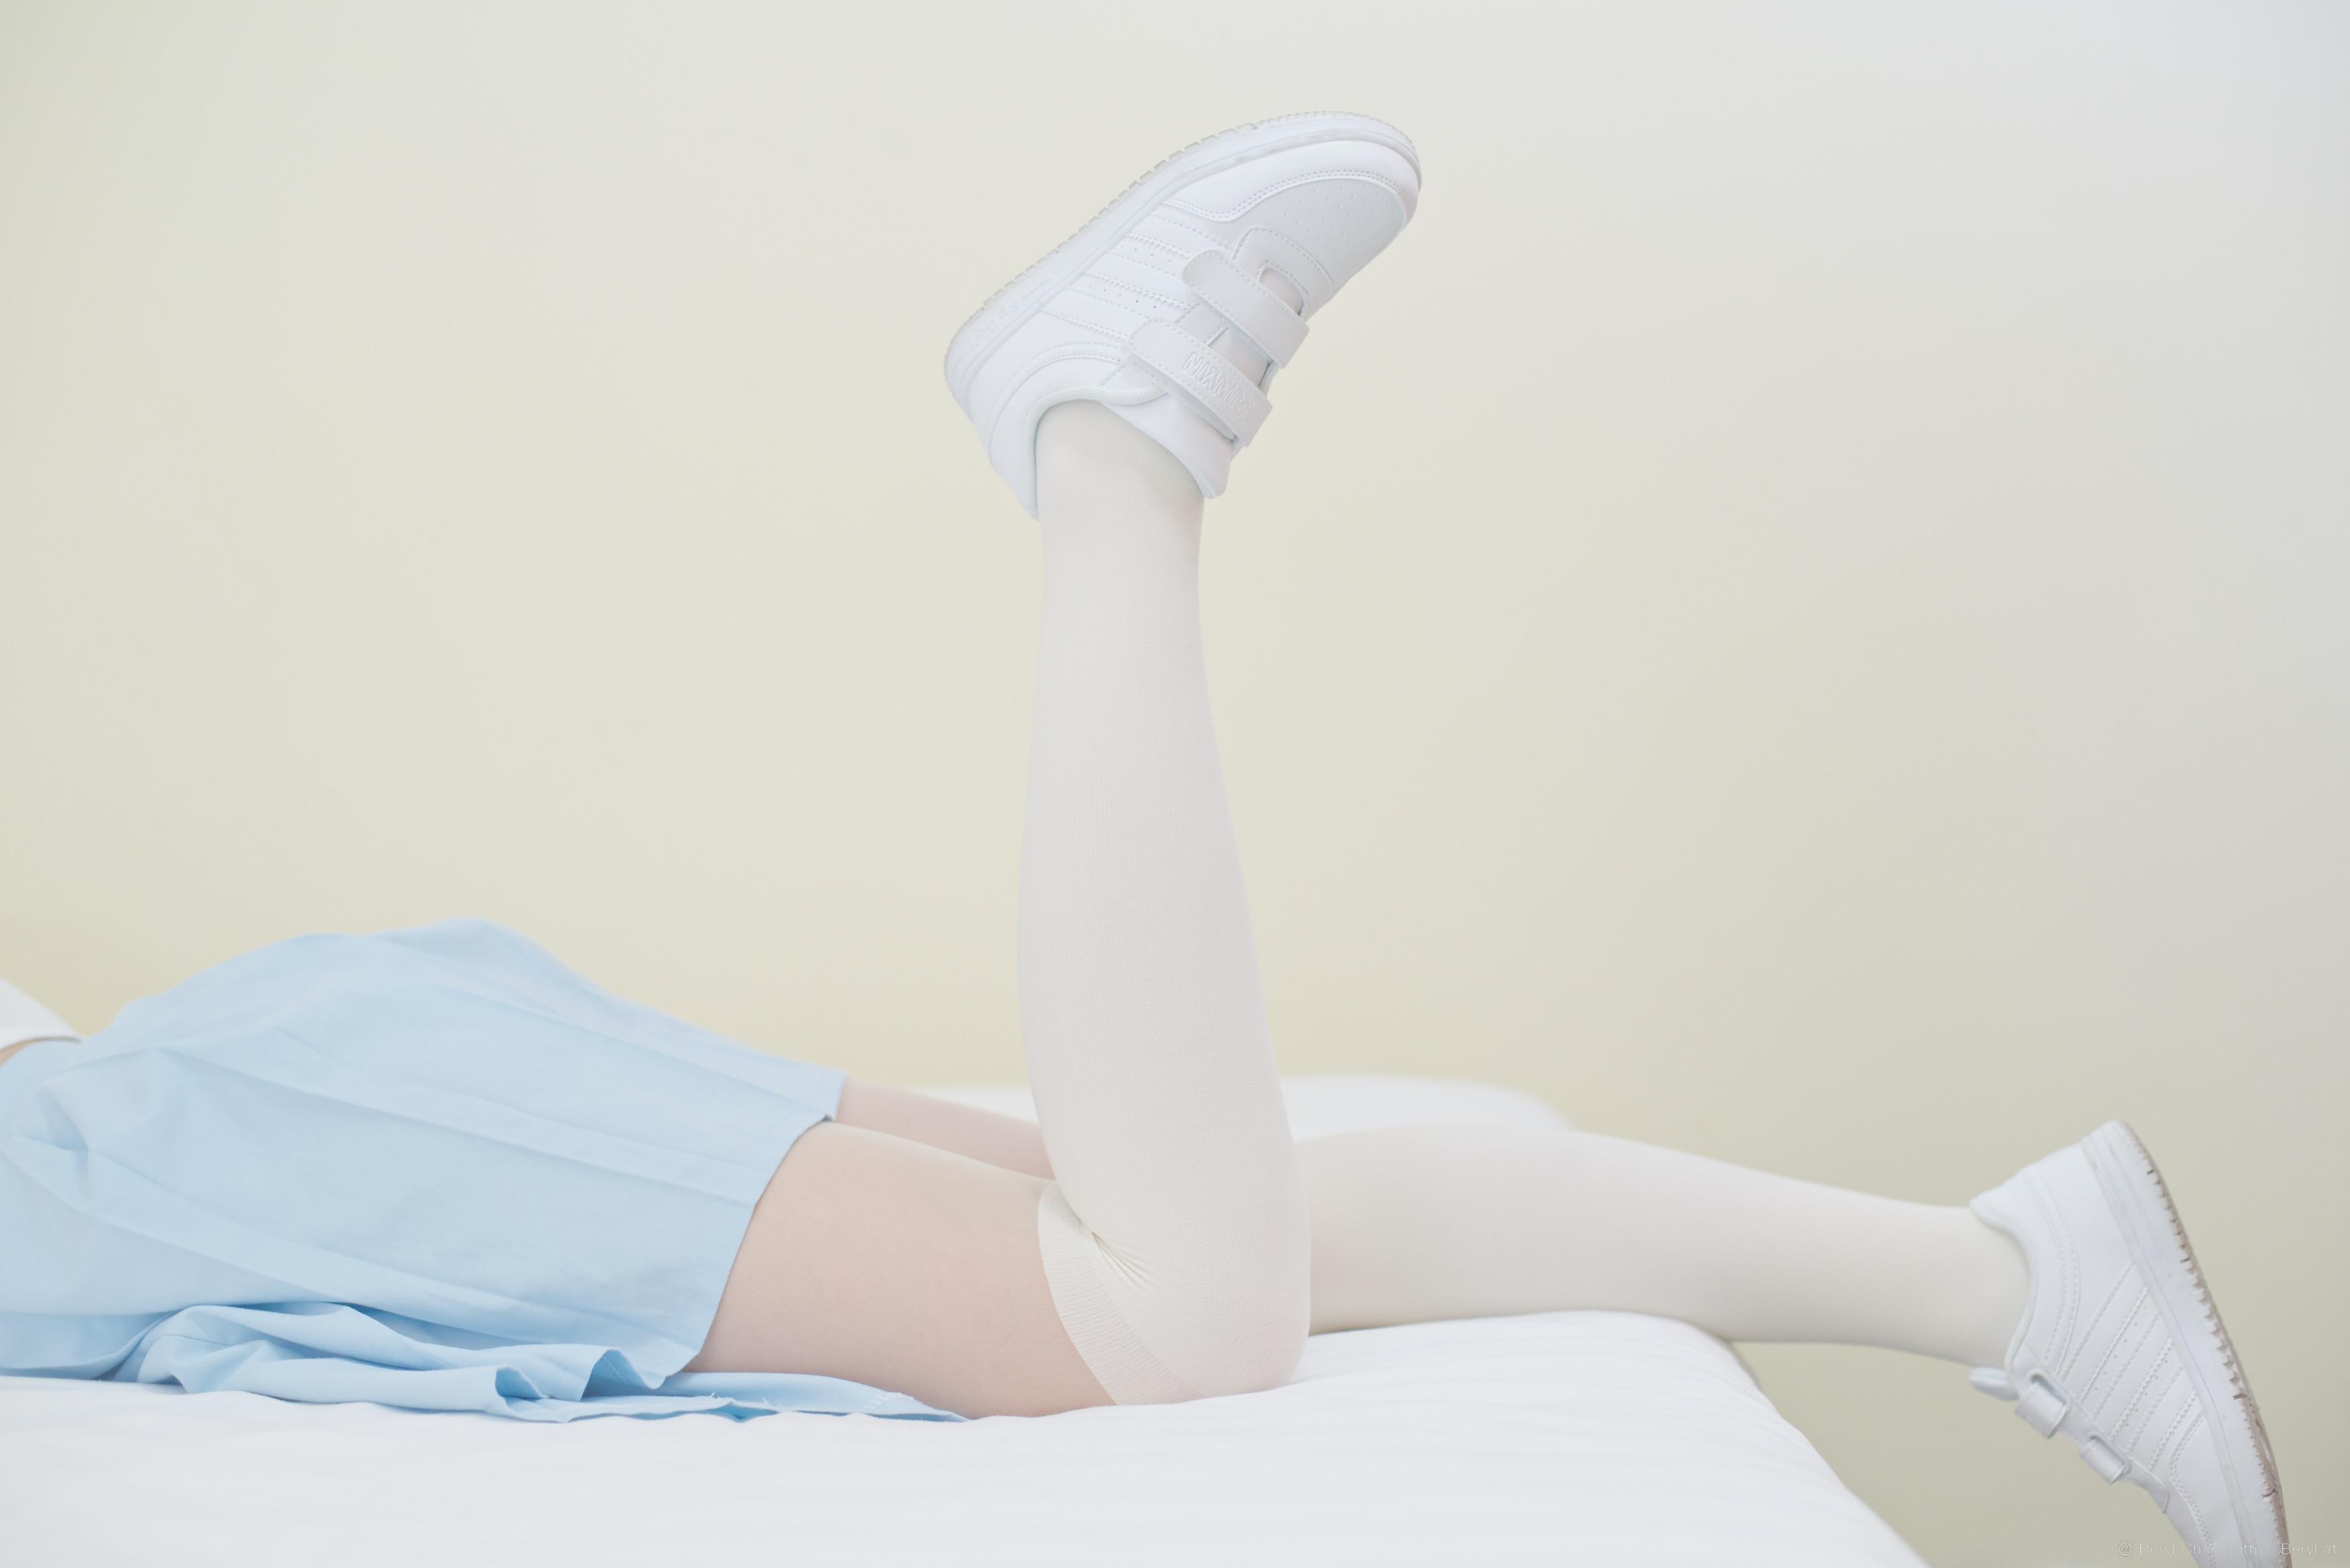 Kostenlose foto : Hand, Mädchen, Weiß, süß, Füße, niedlich, Bein ...